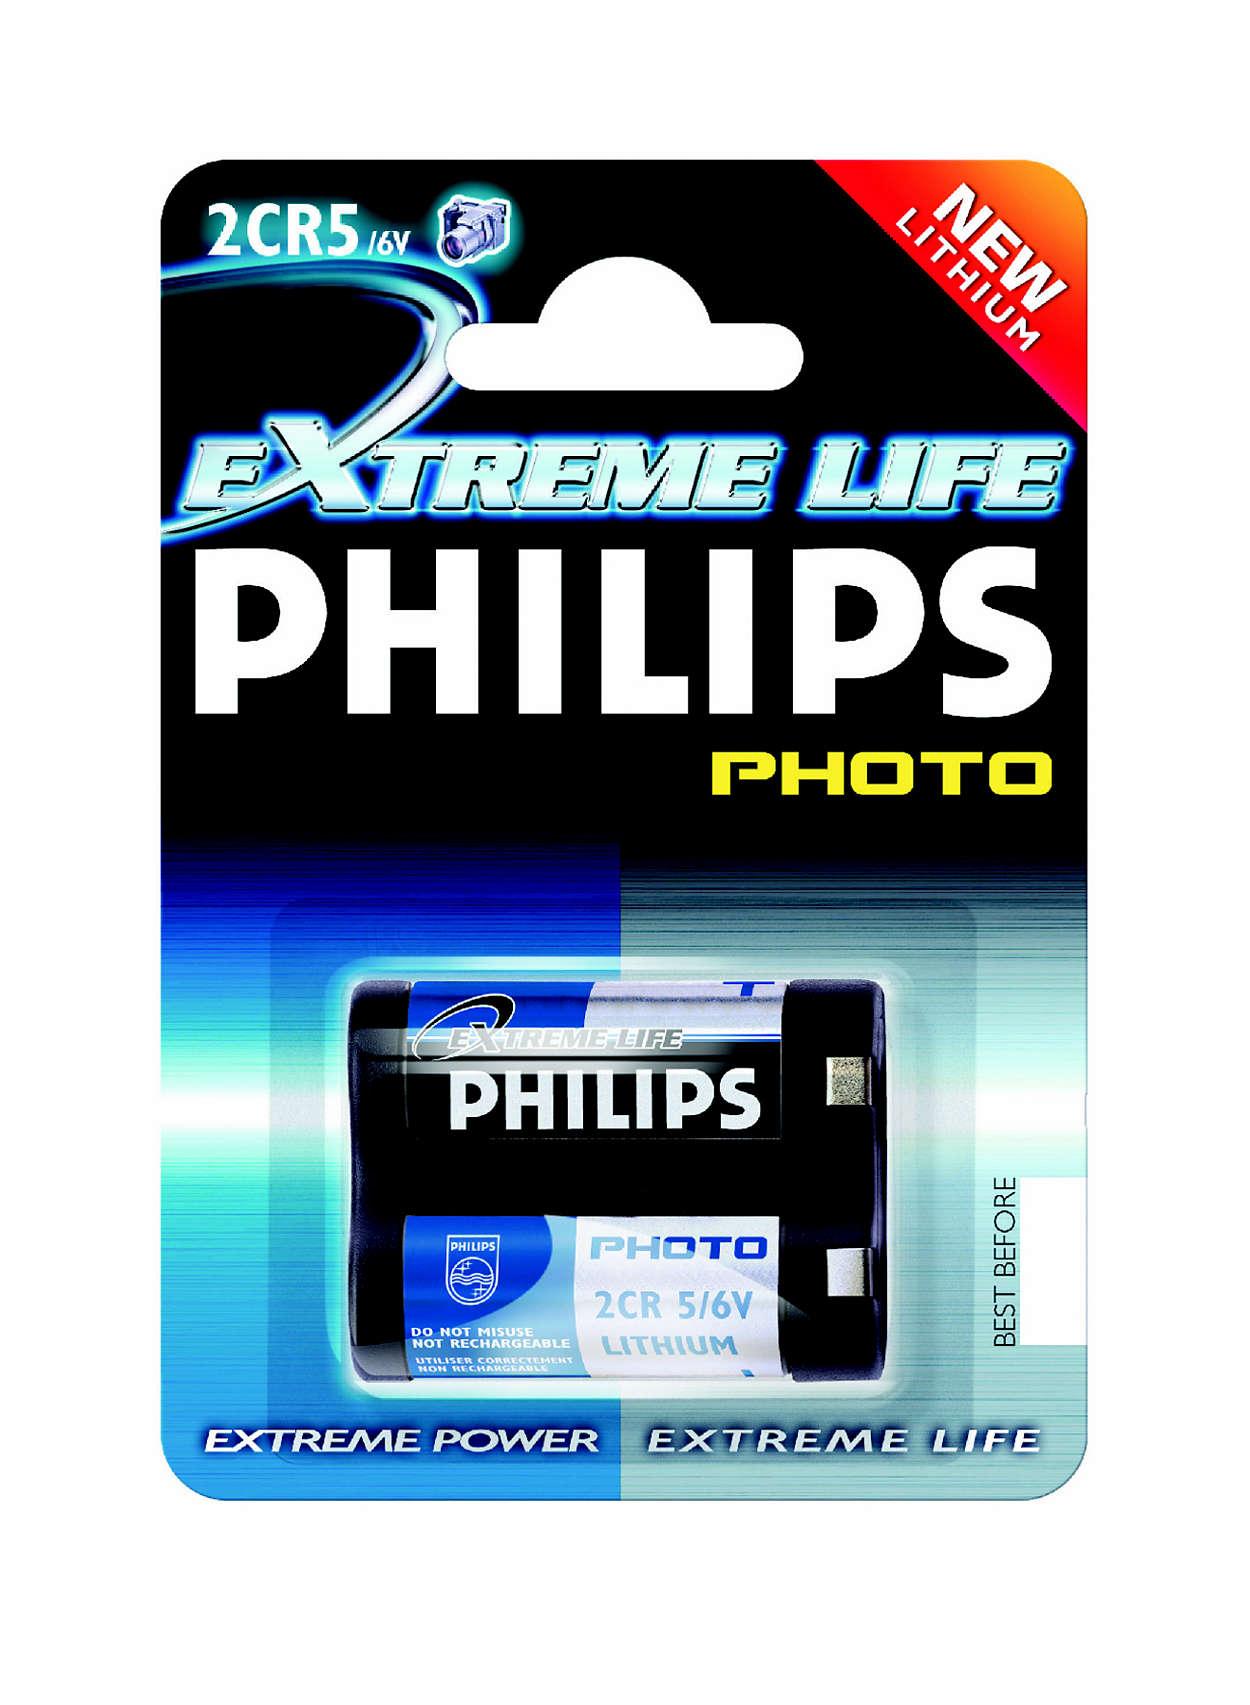 Κορυφαία τεχνολογία λιθίου για τη φωτογραφική σας μηχανή